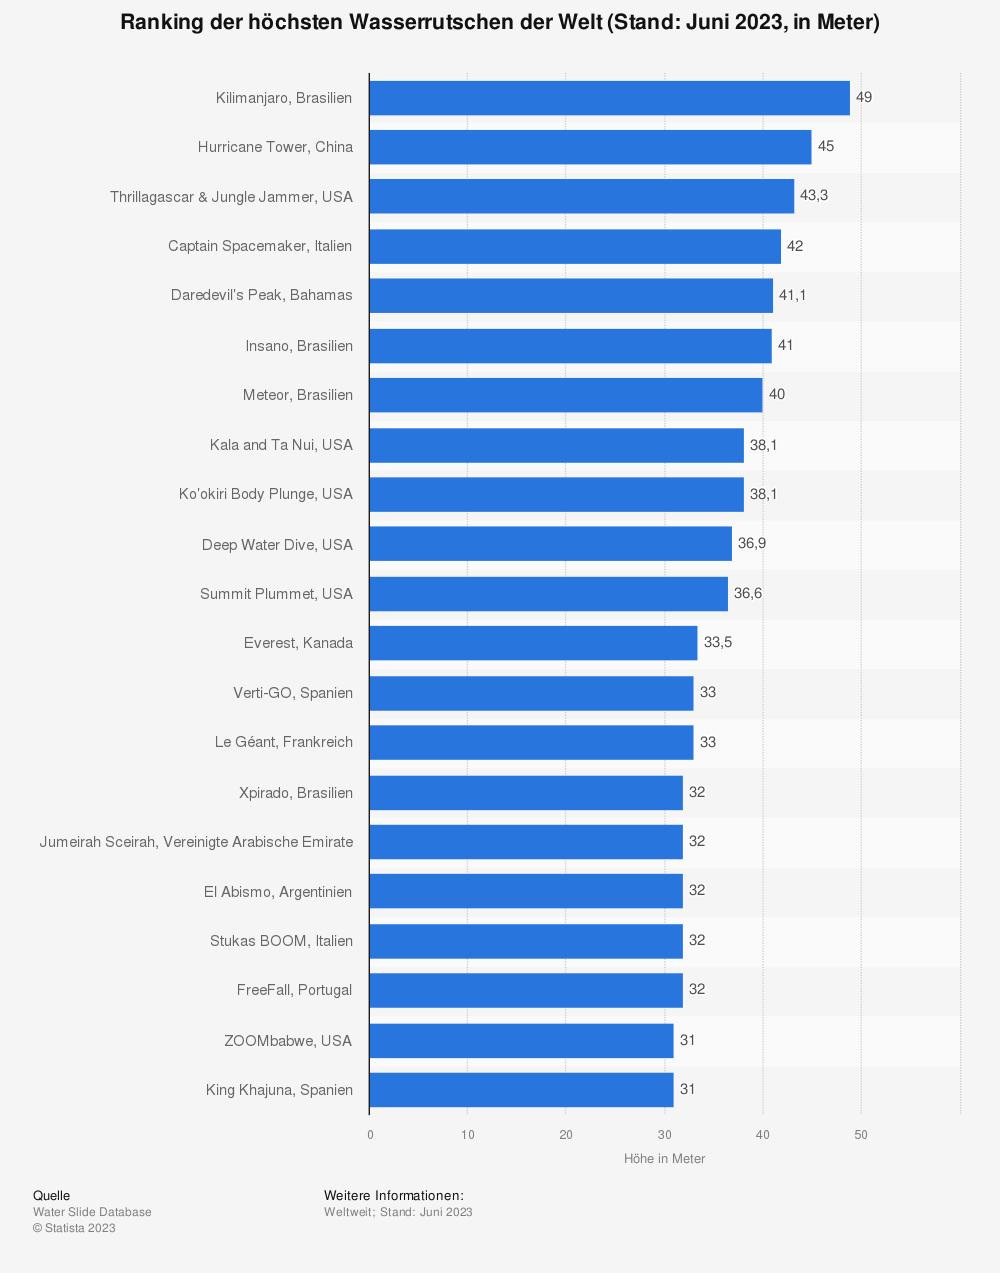 Statistik: Ranking der höchsten Wasserrutschen der Welt (Stand: Mai 2019; in Meter) | Statista